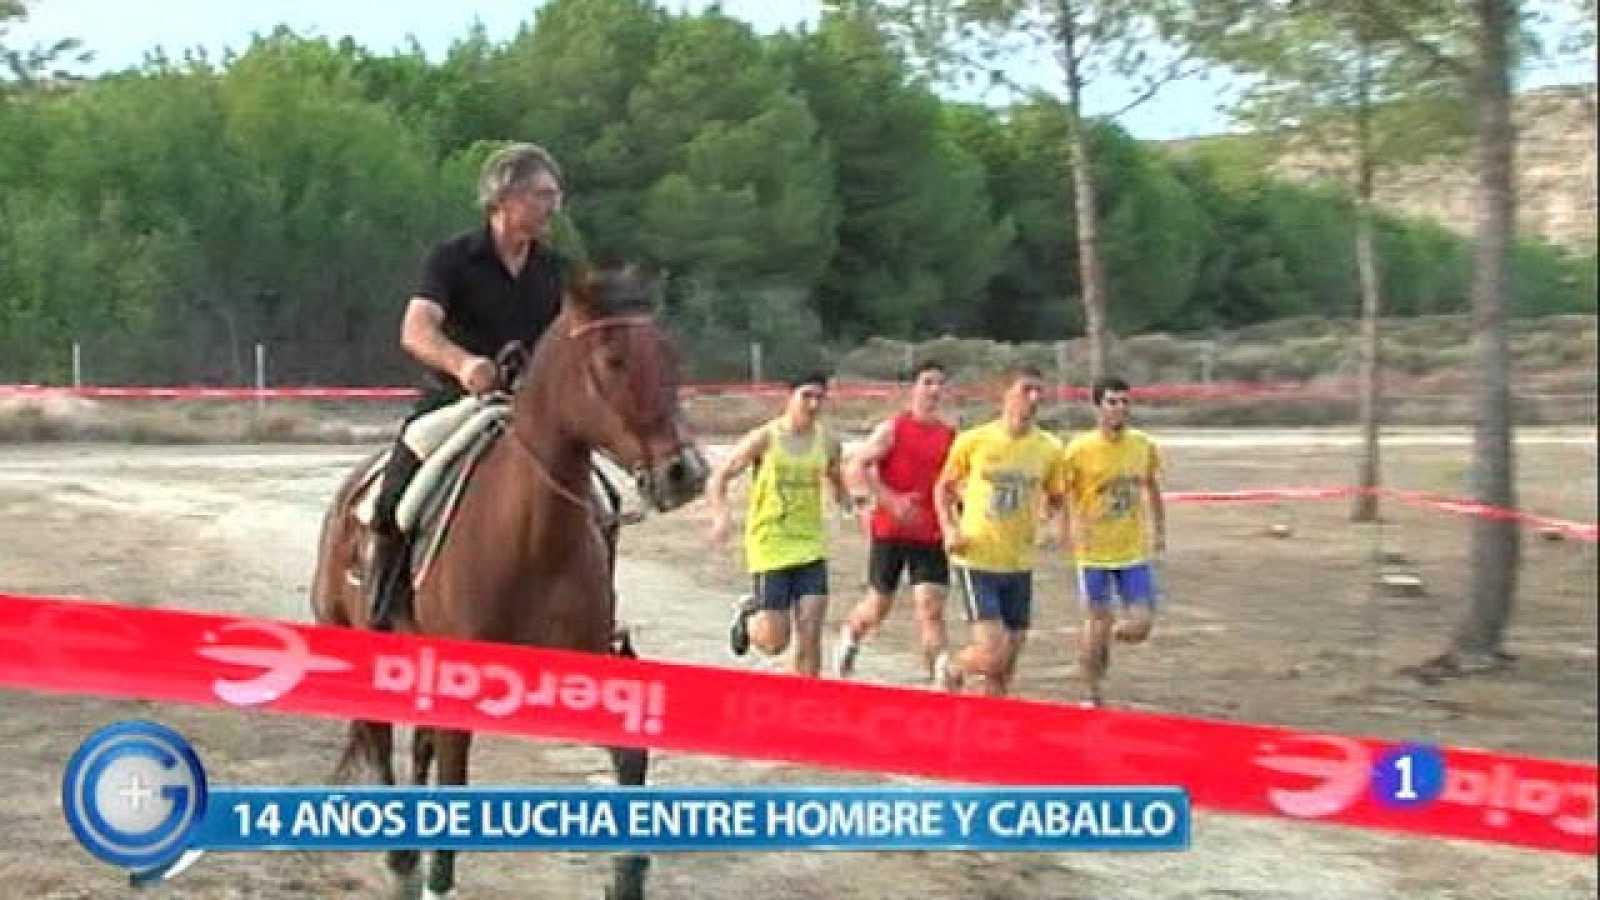 Más Gente - Caballos y hombres se desafían en Huesca